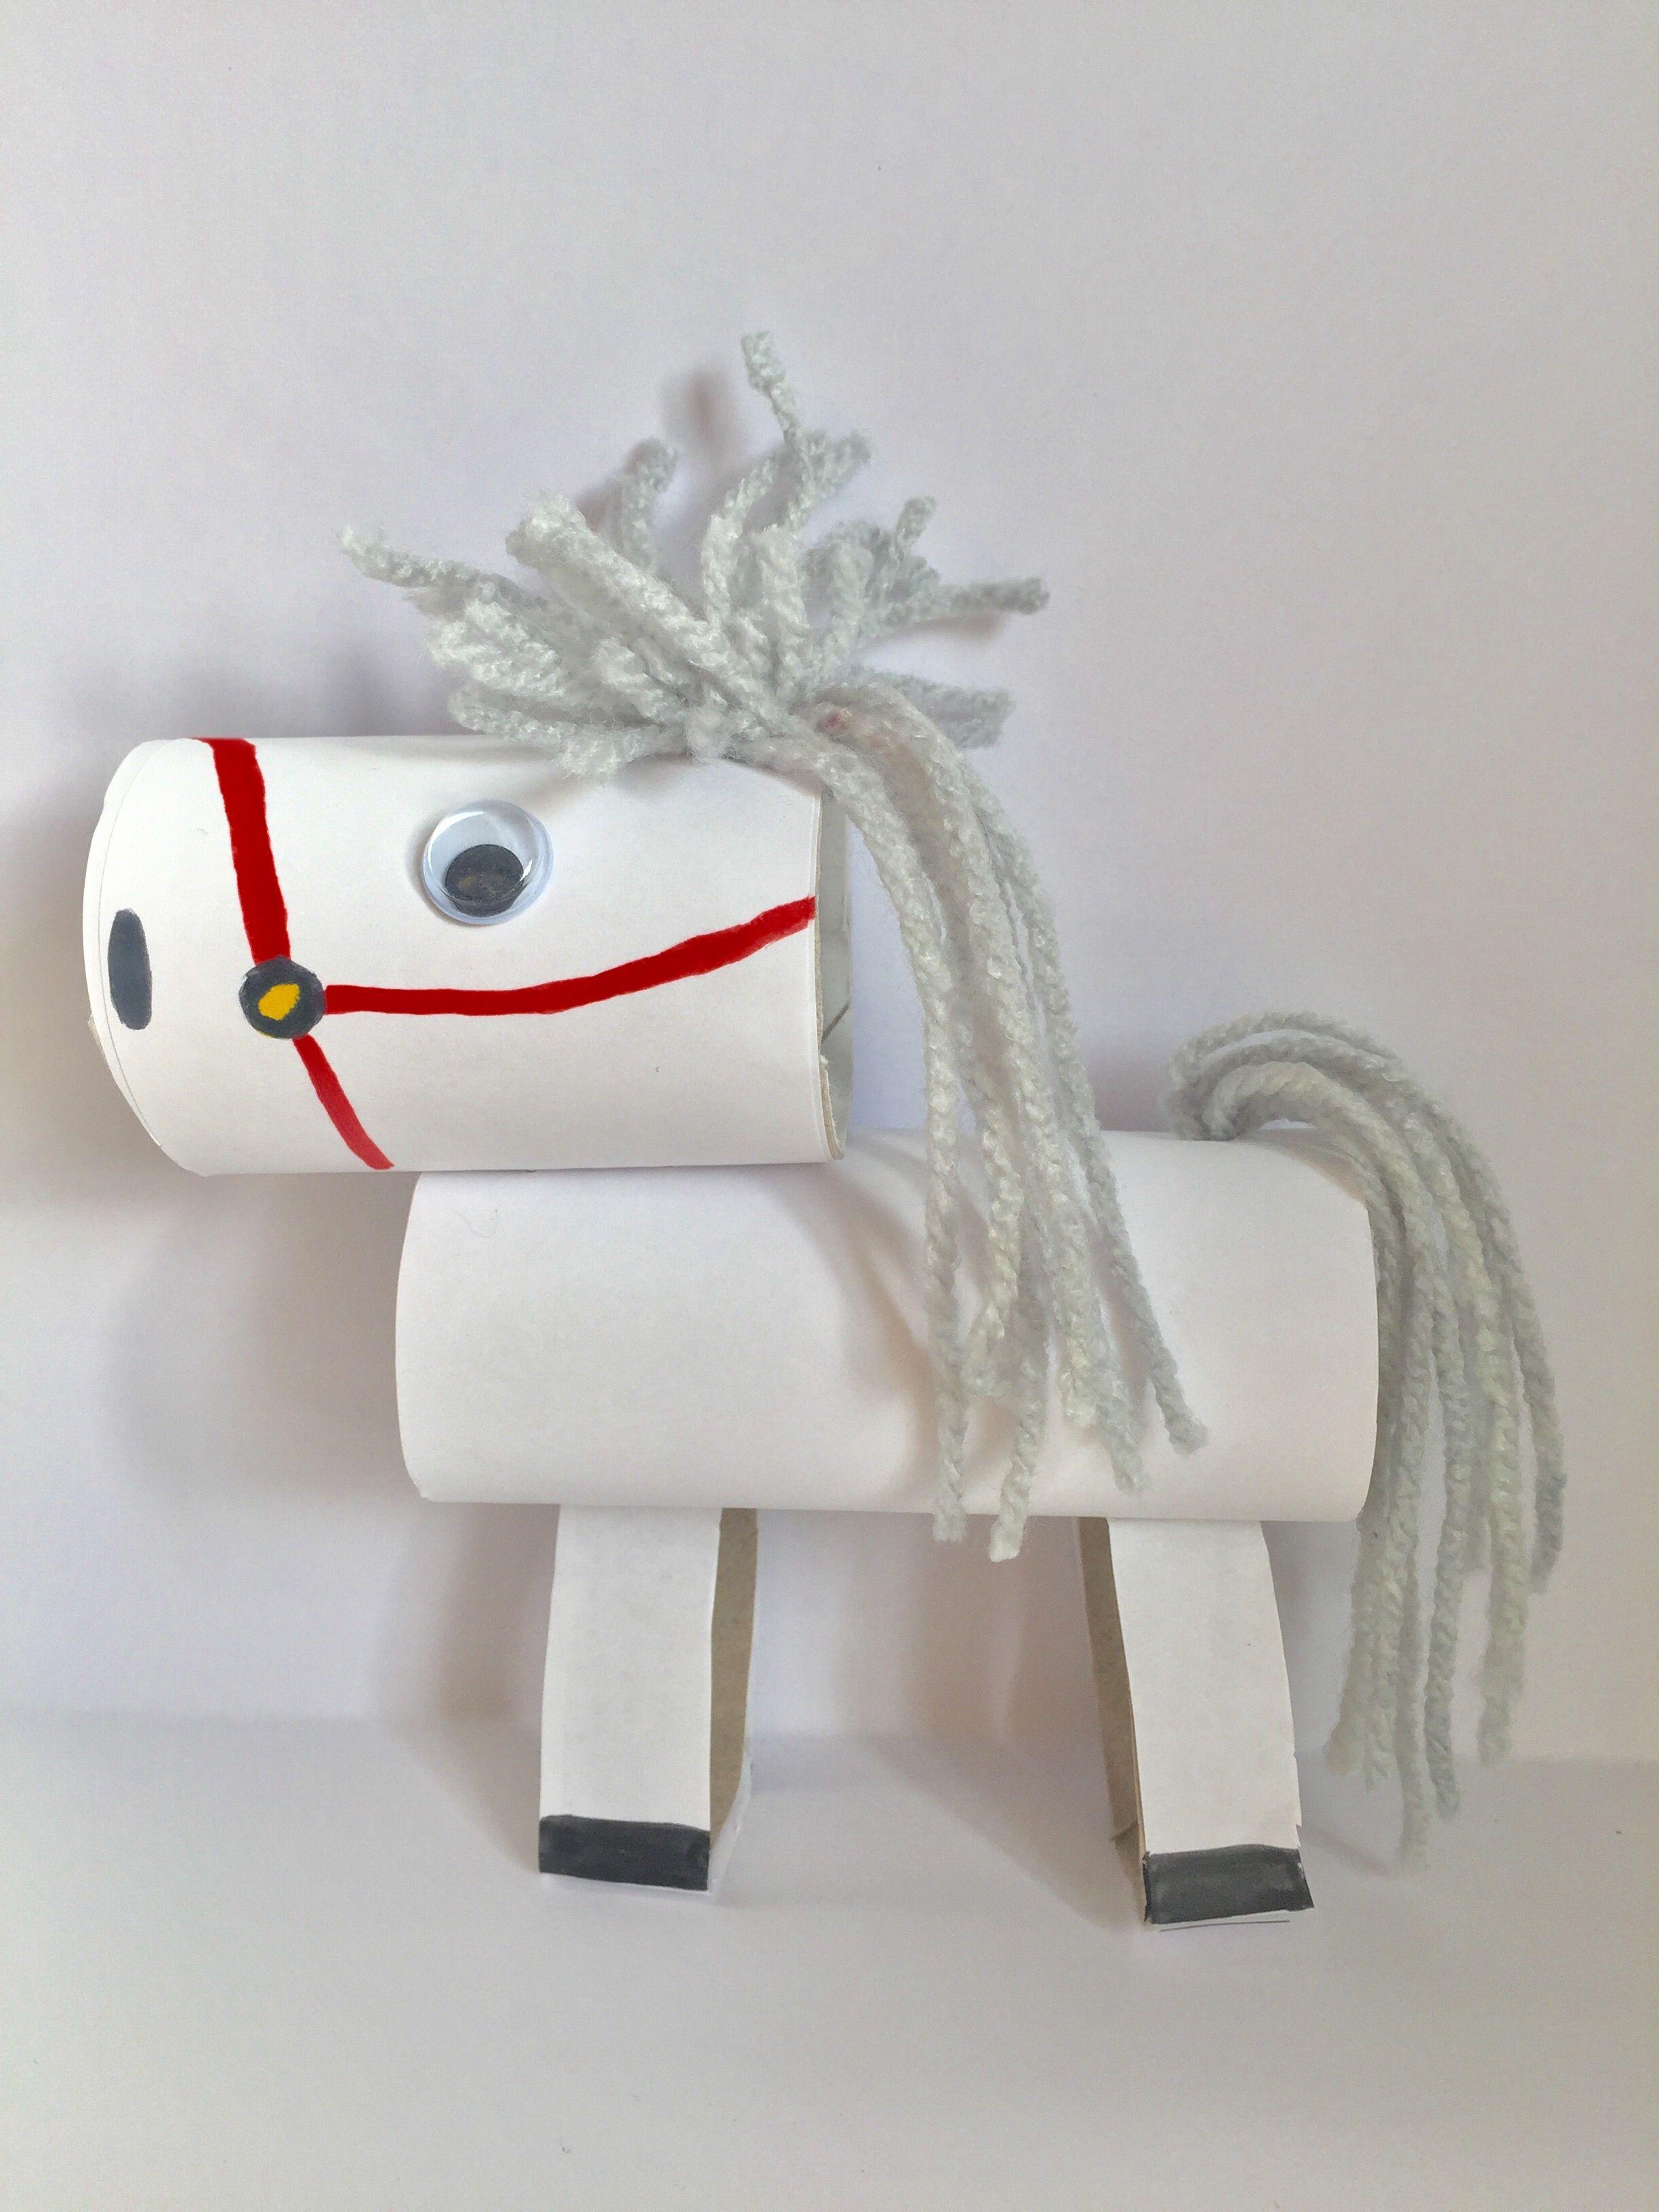 Uitzonderlijk Echt van alles kun je knutselen met wc rollen. Zo ook dit paard #XQ45